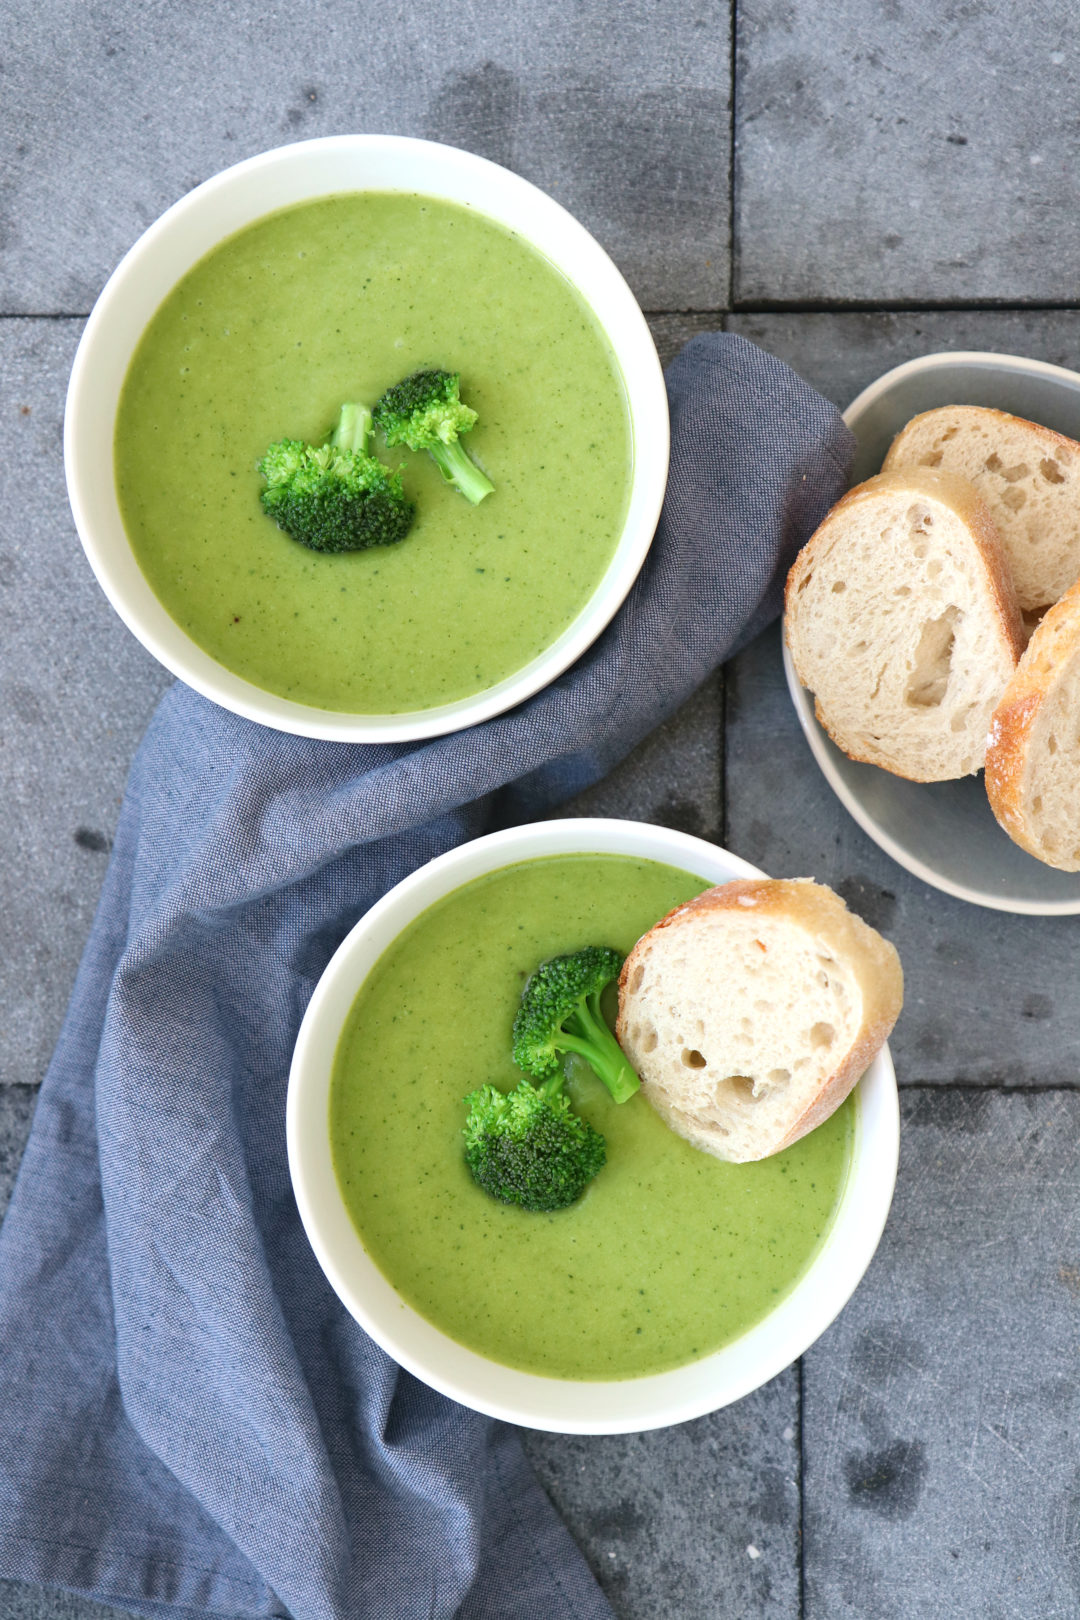 courgette en broccoli soep www.jaimyskitchen.nl